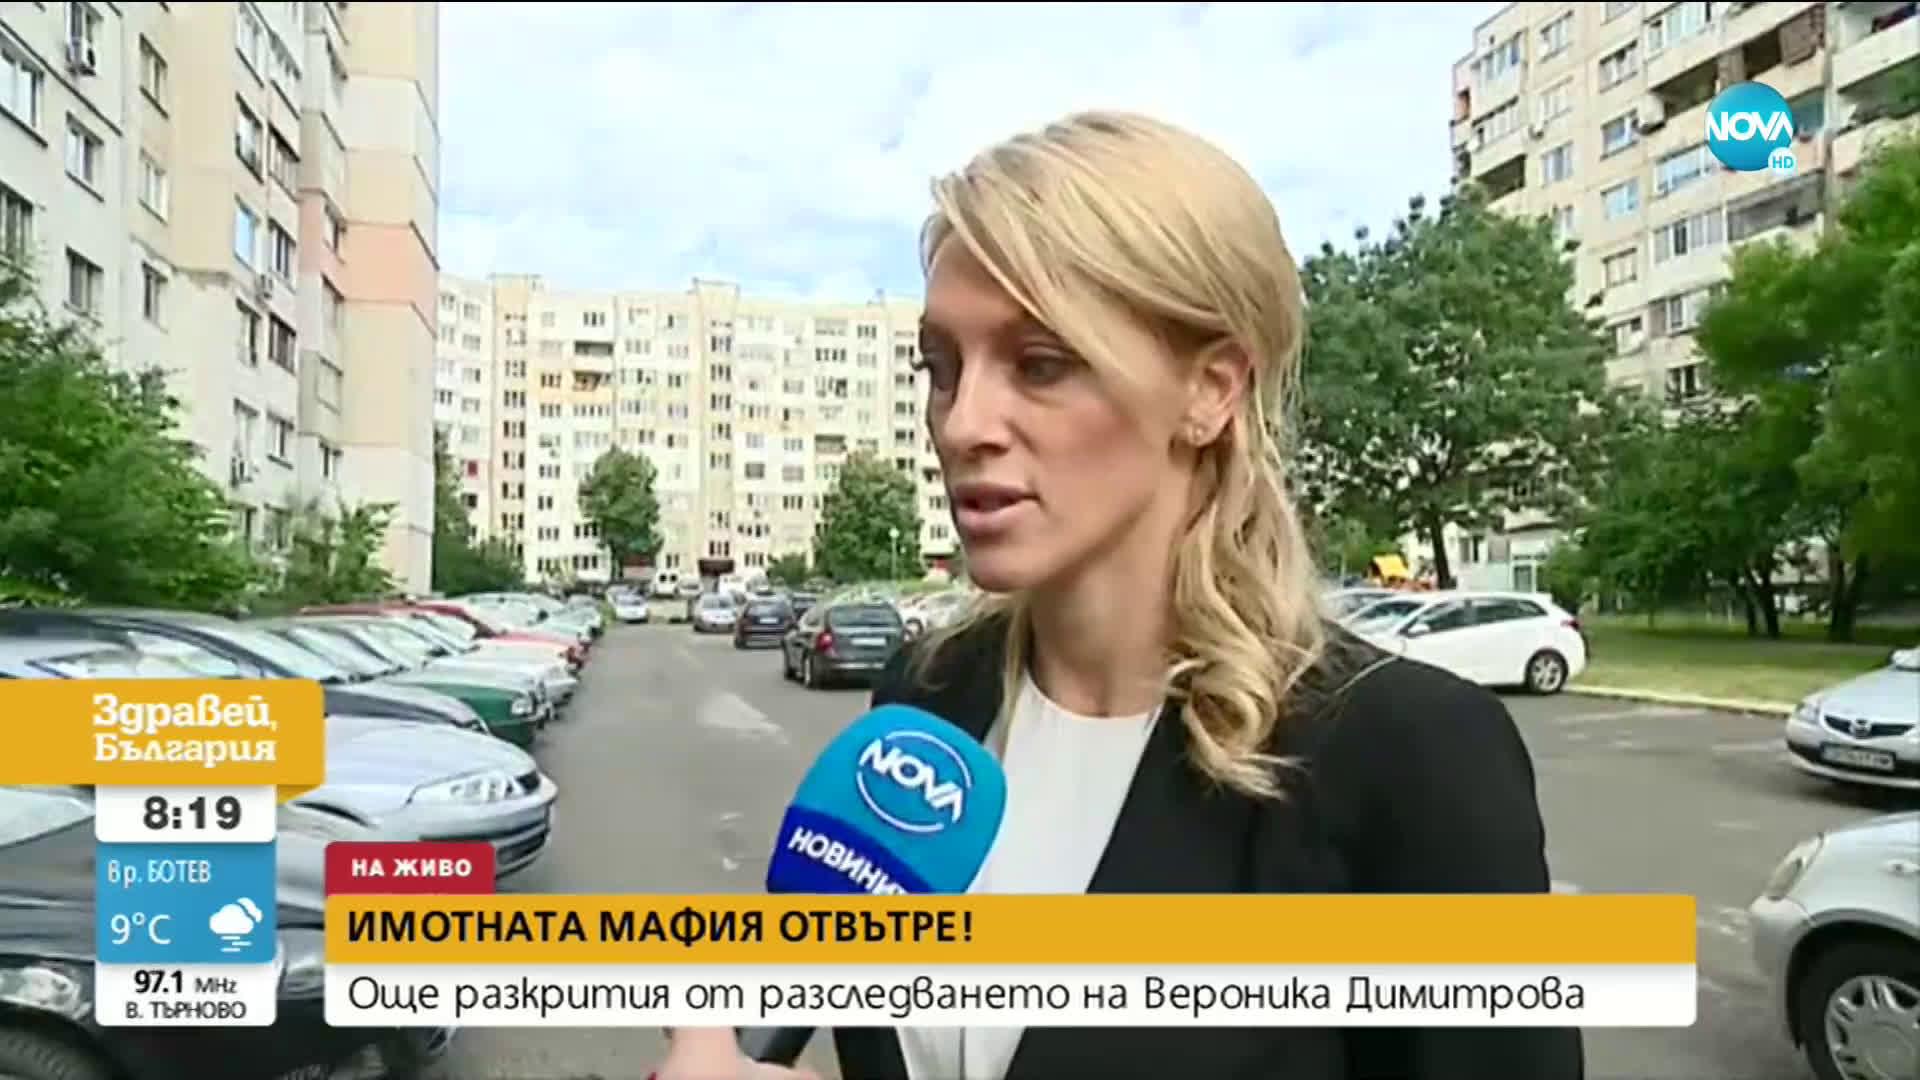 ПО СЛЕДИТЕ НА ИМОТНАТА МАФИЯ: Още разкрития от разследването на Вероника Димитрова